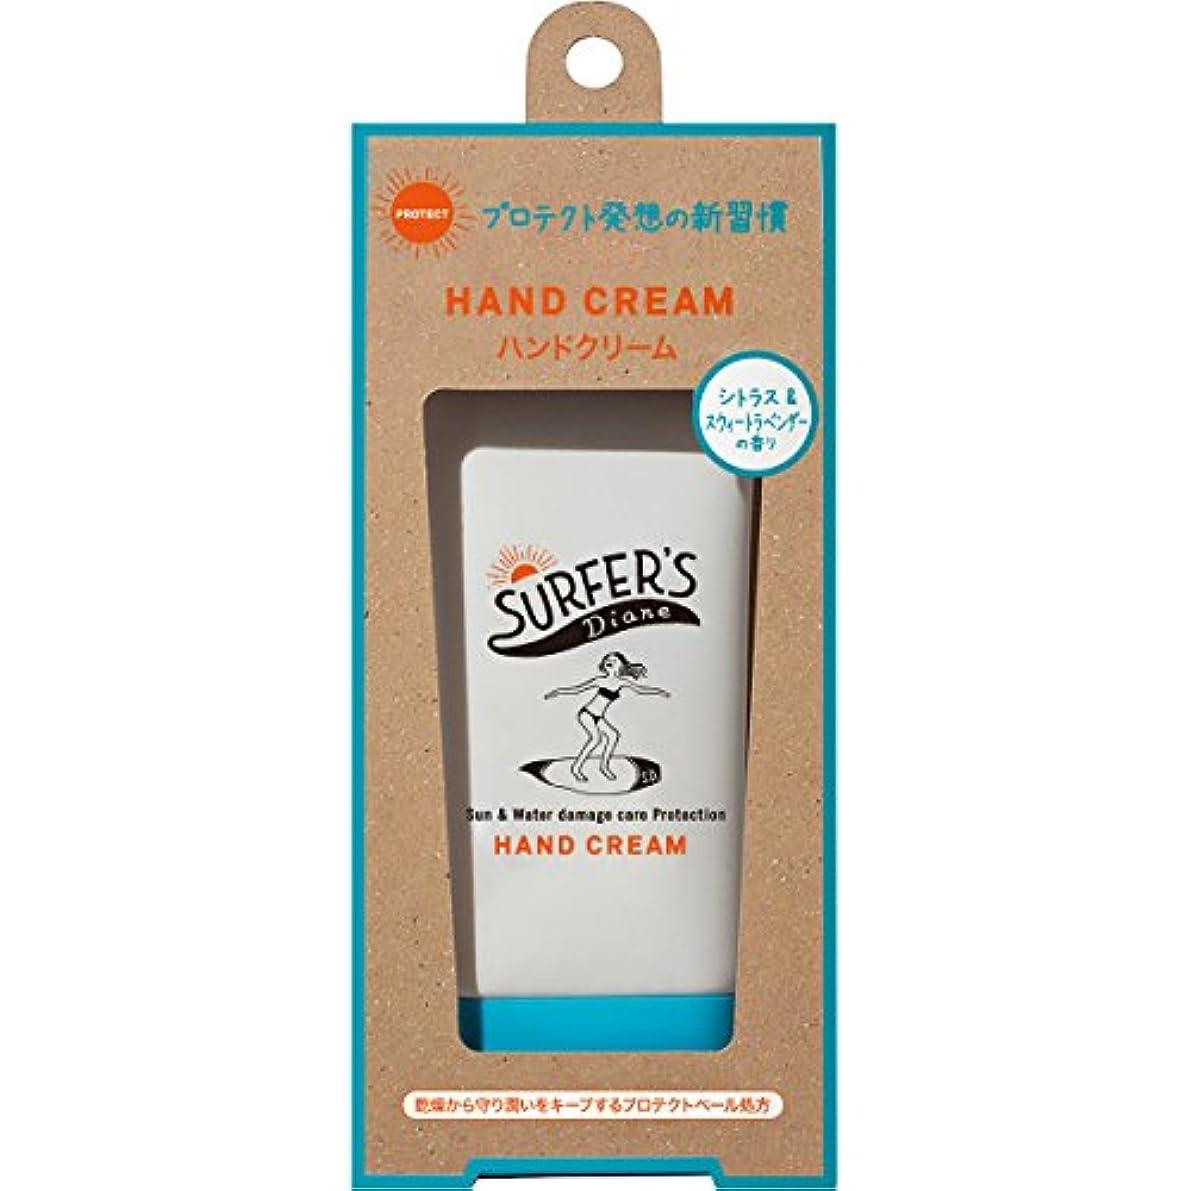 コロニー湾ミニサーファーズダイアン プロテクト ハンドクリーム シトラス&スウィートラベンダーの香り 50g